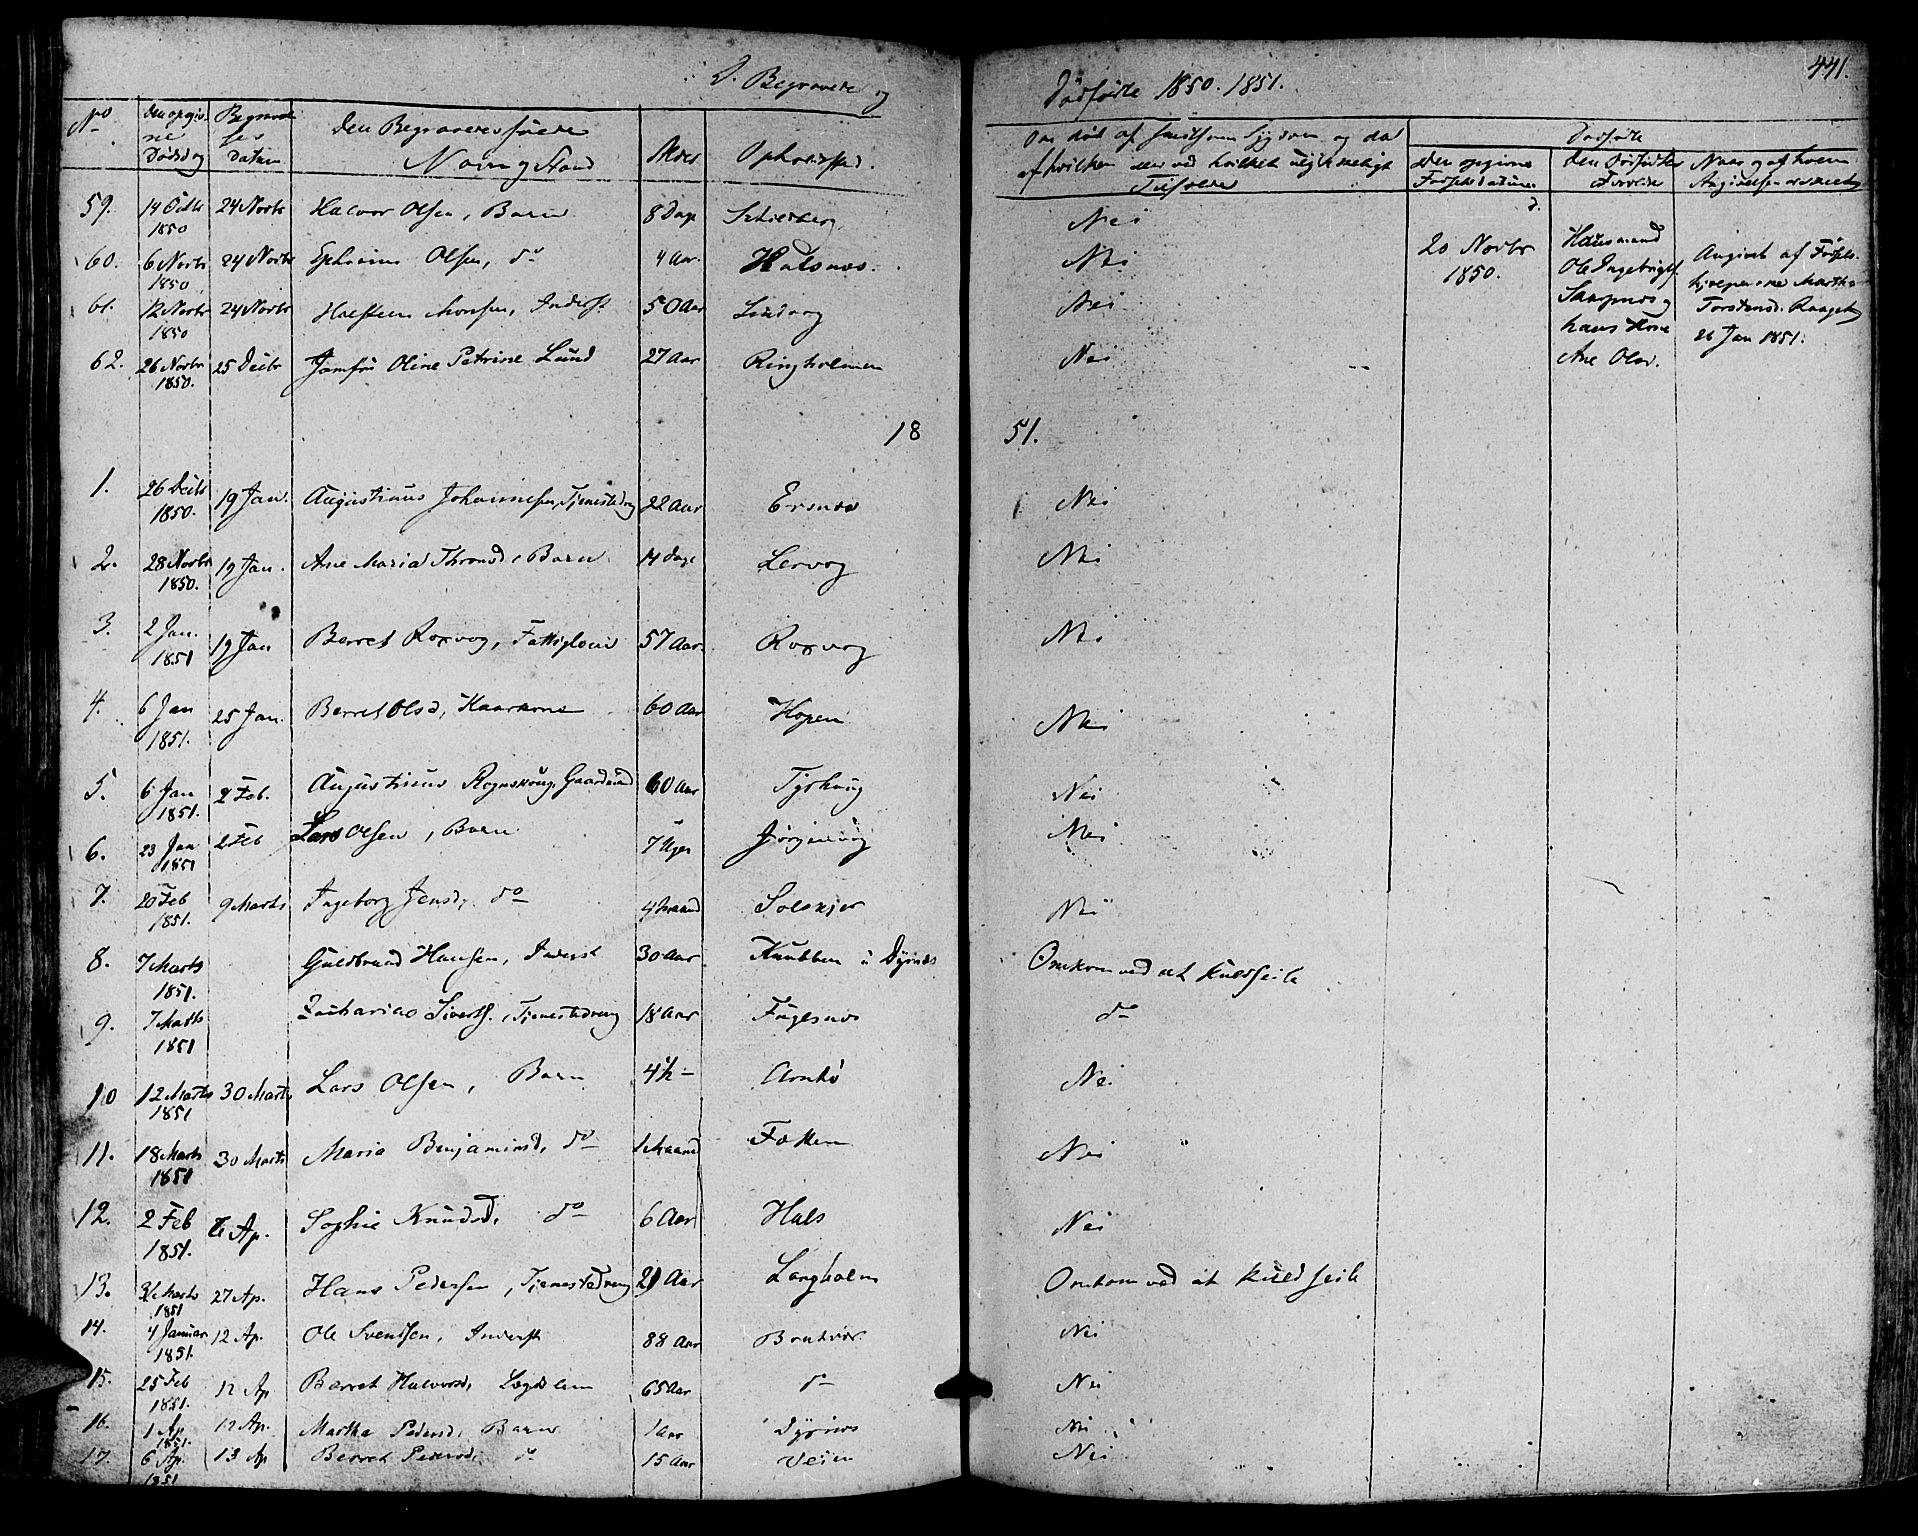 SAT, Ministerialprotokoller, klokkerbøker og fødselsregistre - Møre og Romsdal, 581/L0936: Ministerialbok nr. 581A04, 1836-1852, s. 441